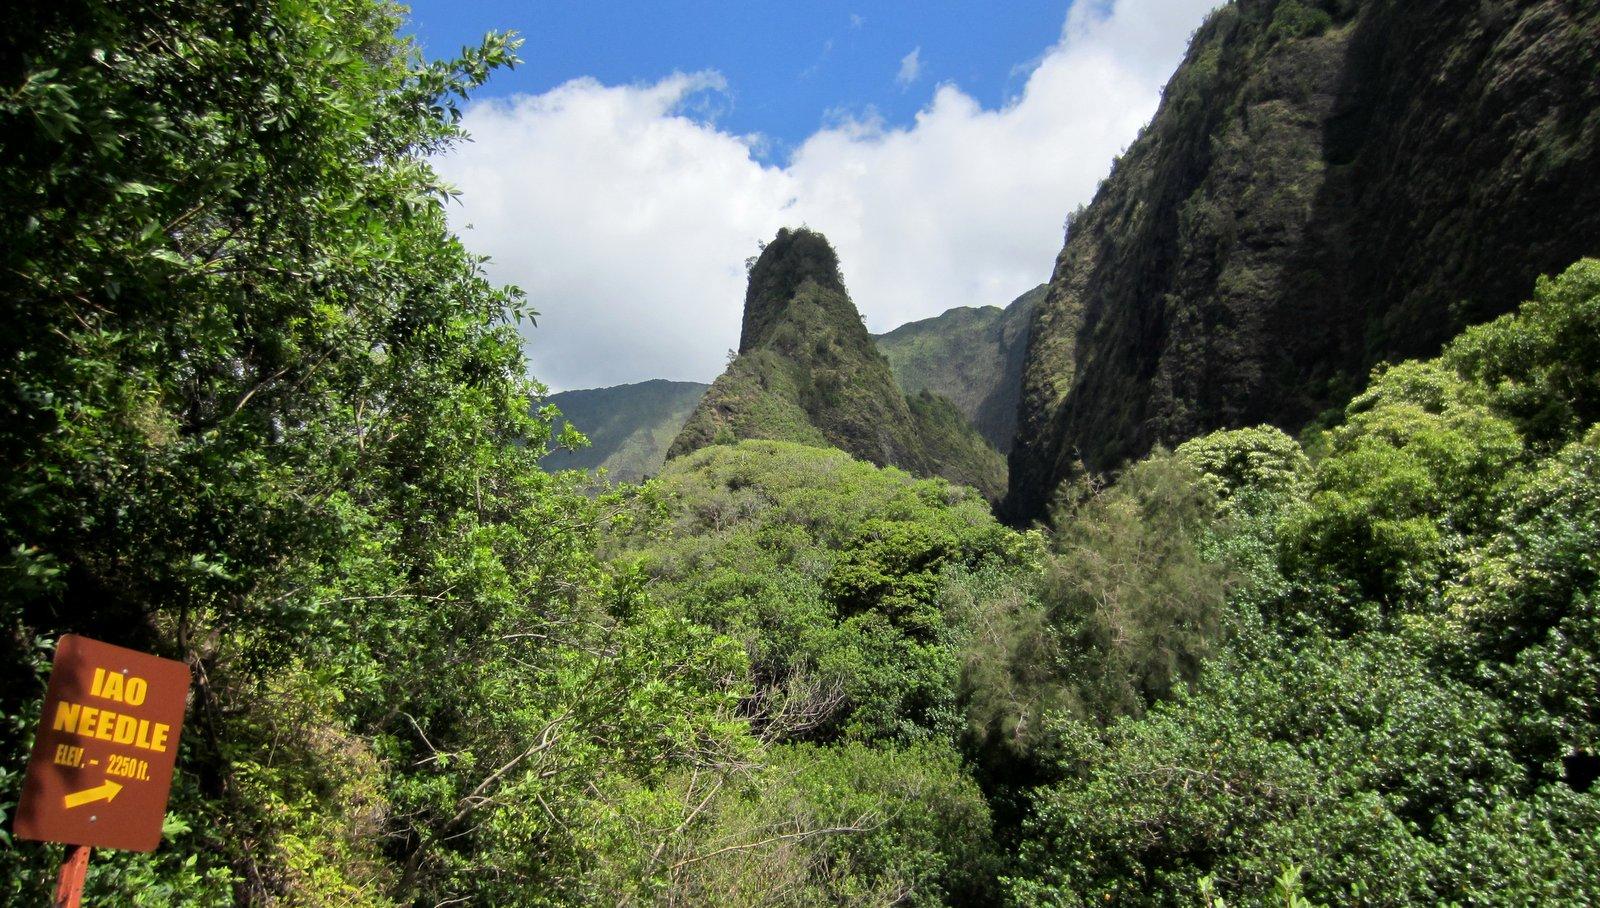 Iao Needle - Maui